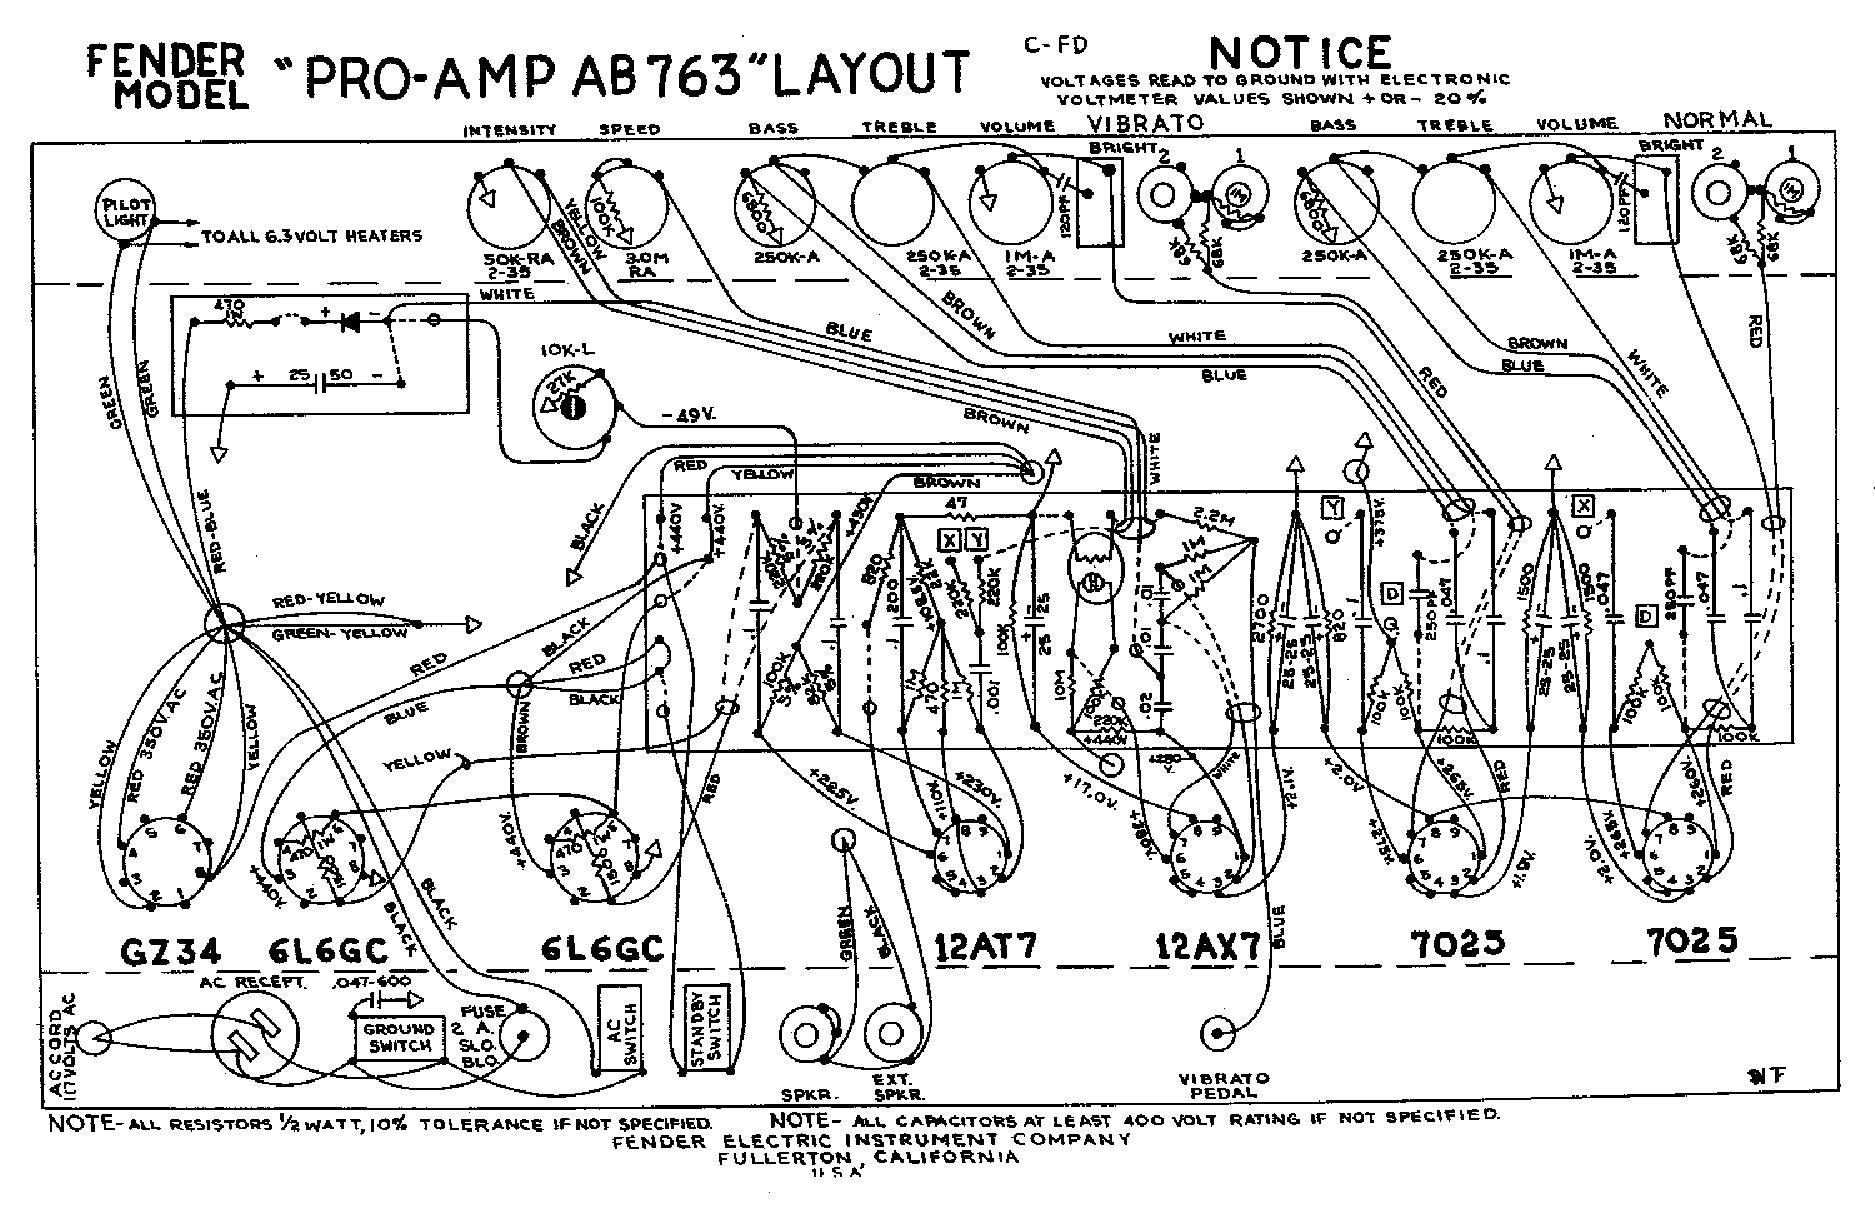 Fender Pro Ab763 Sch Service Manual Download  Schematics